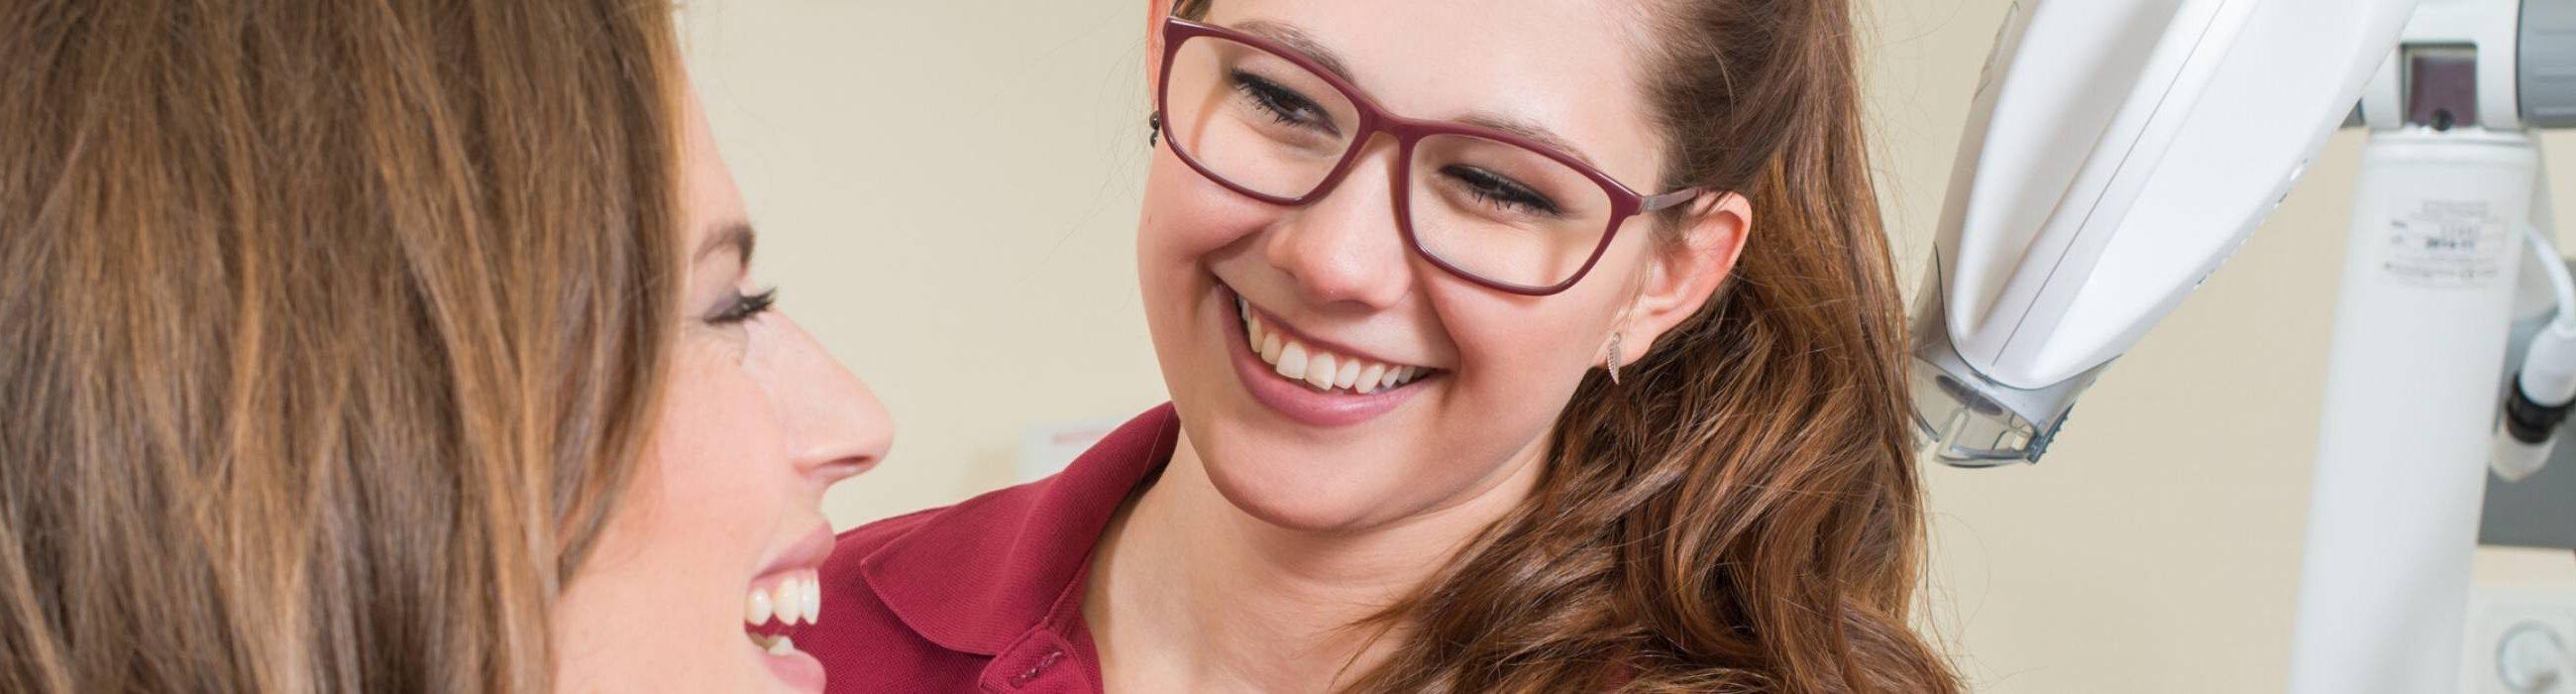 Praxisjob ZFA in der Zahnarztpraxis Reite in Wirges im Westerwald